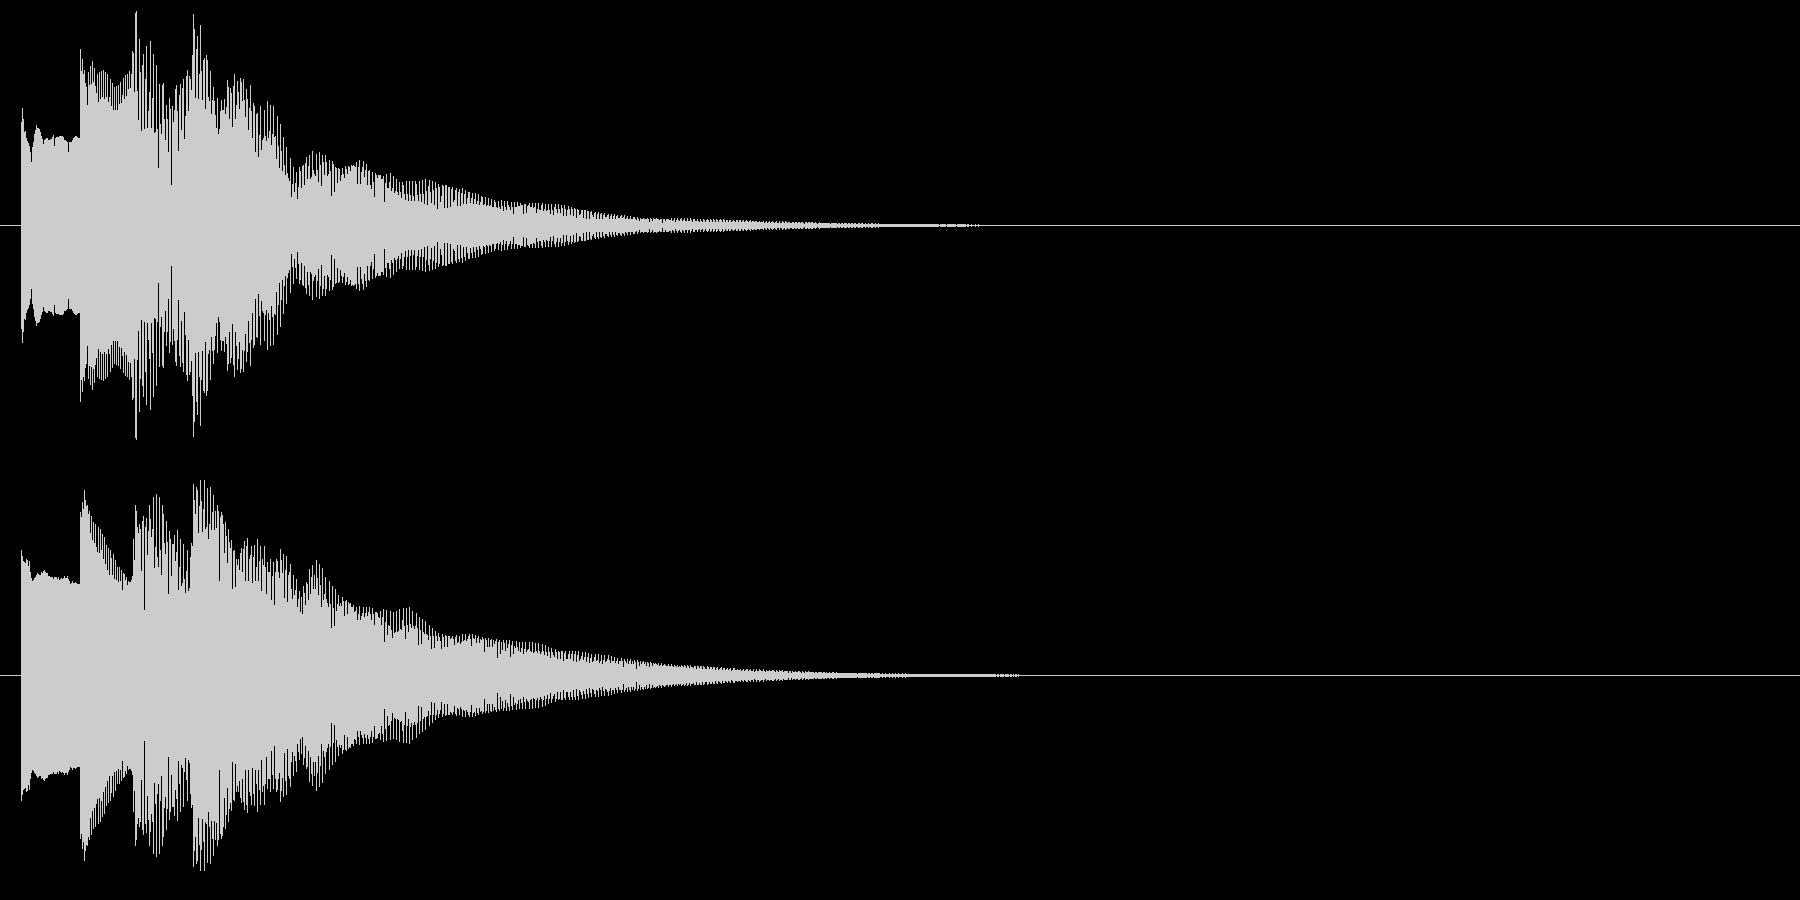 アラーム音04 ベル(sus4)の未再生の波形